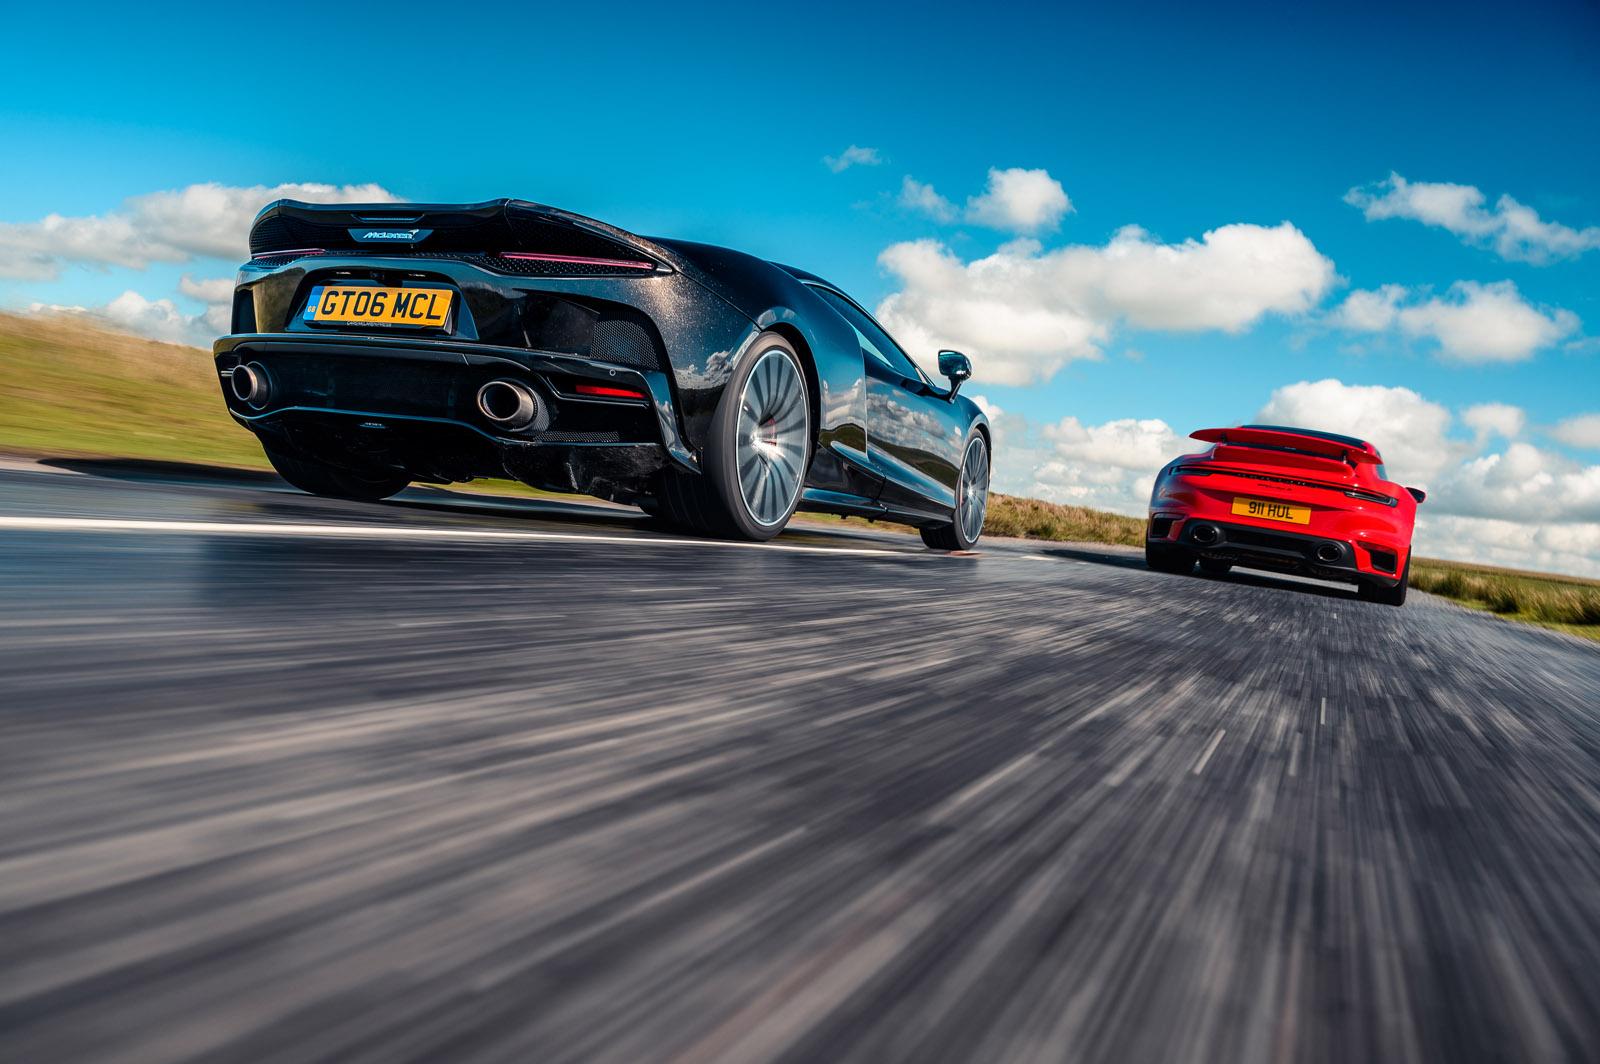 Tour de drive: New Porsche 911 Turbo S vs McLaren GT